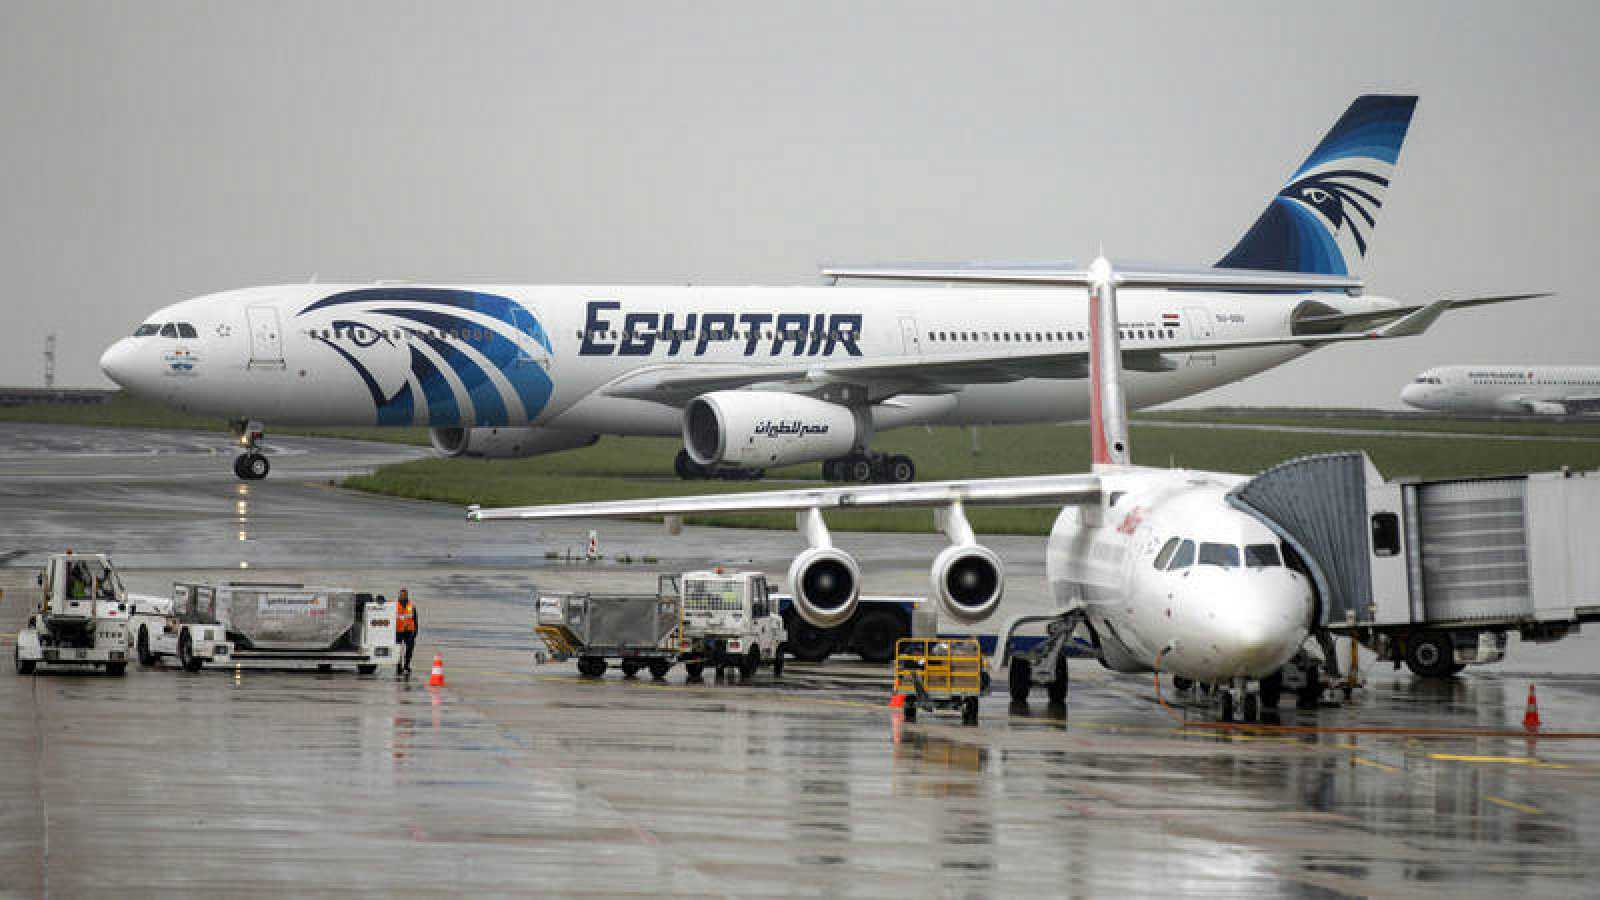 Un Airbus A330 de la aerolínea Egyptair.